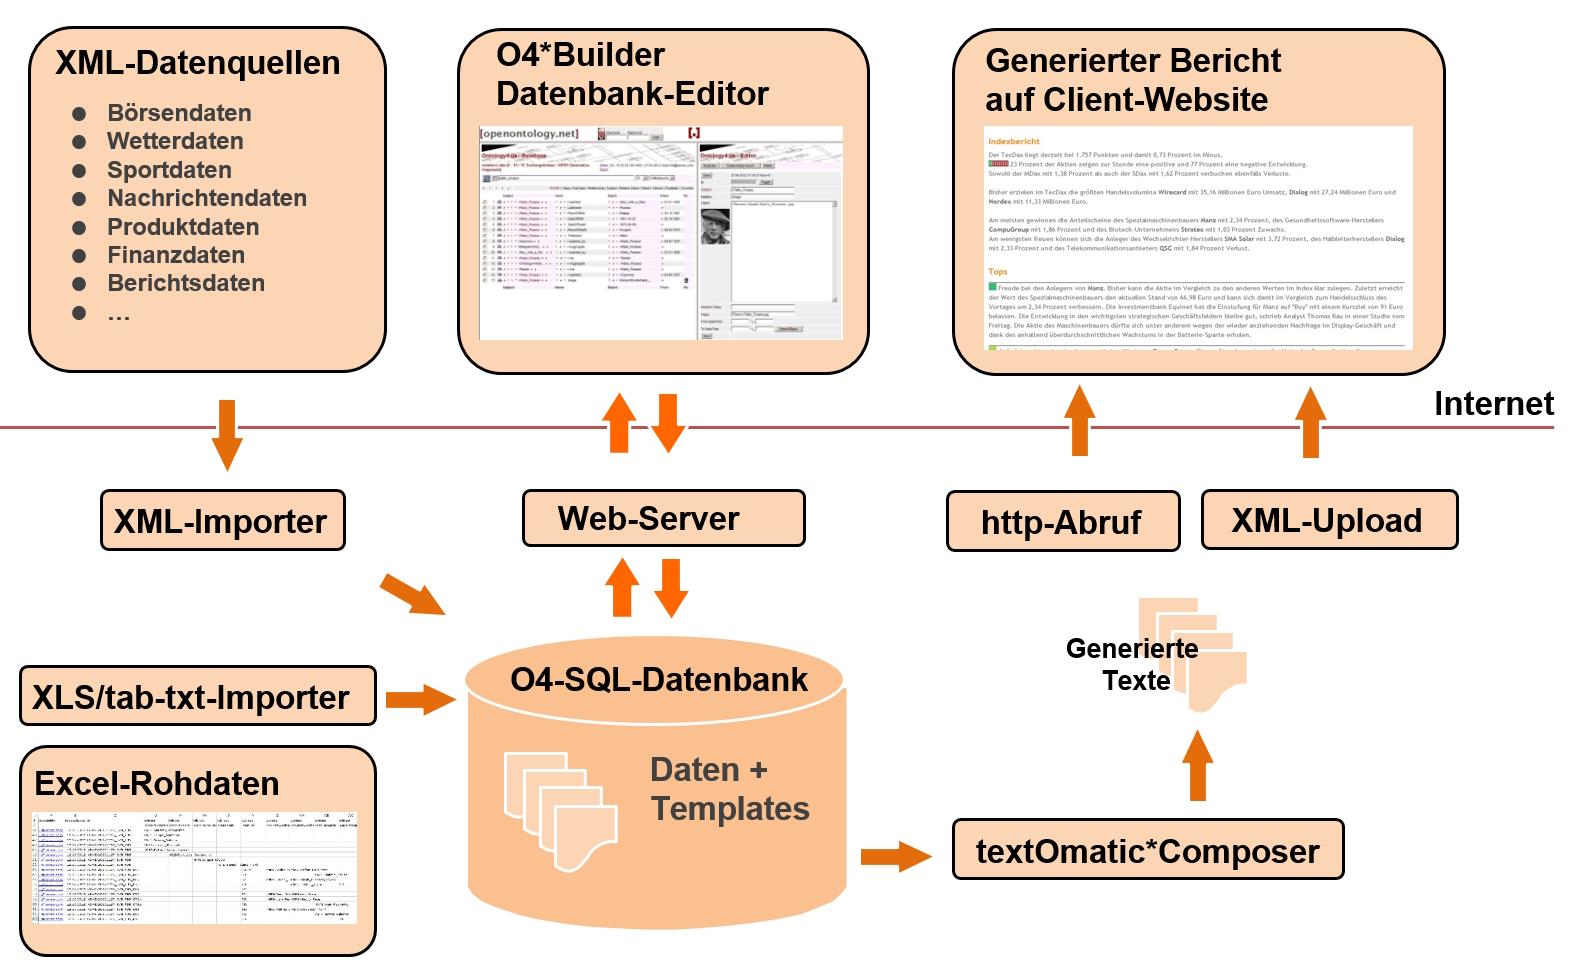 Textgenerierung | Generierung natürlichsprachlicher Texte aus Daten